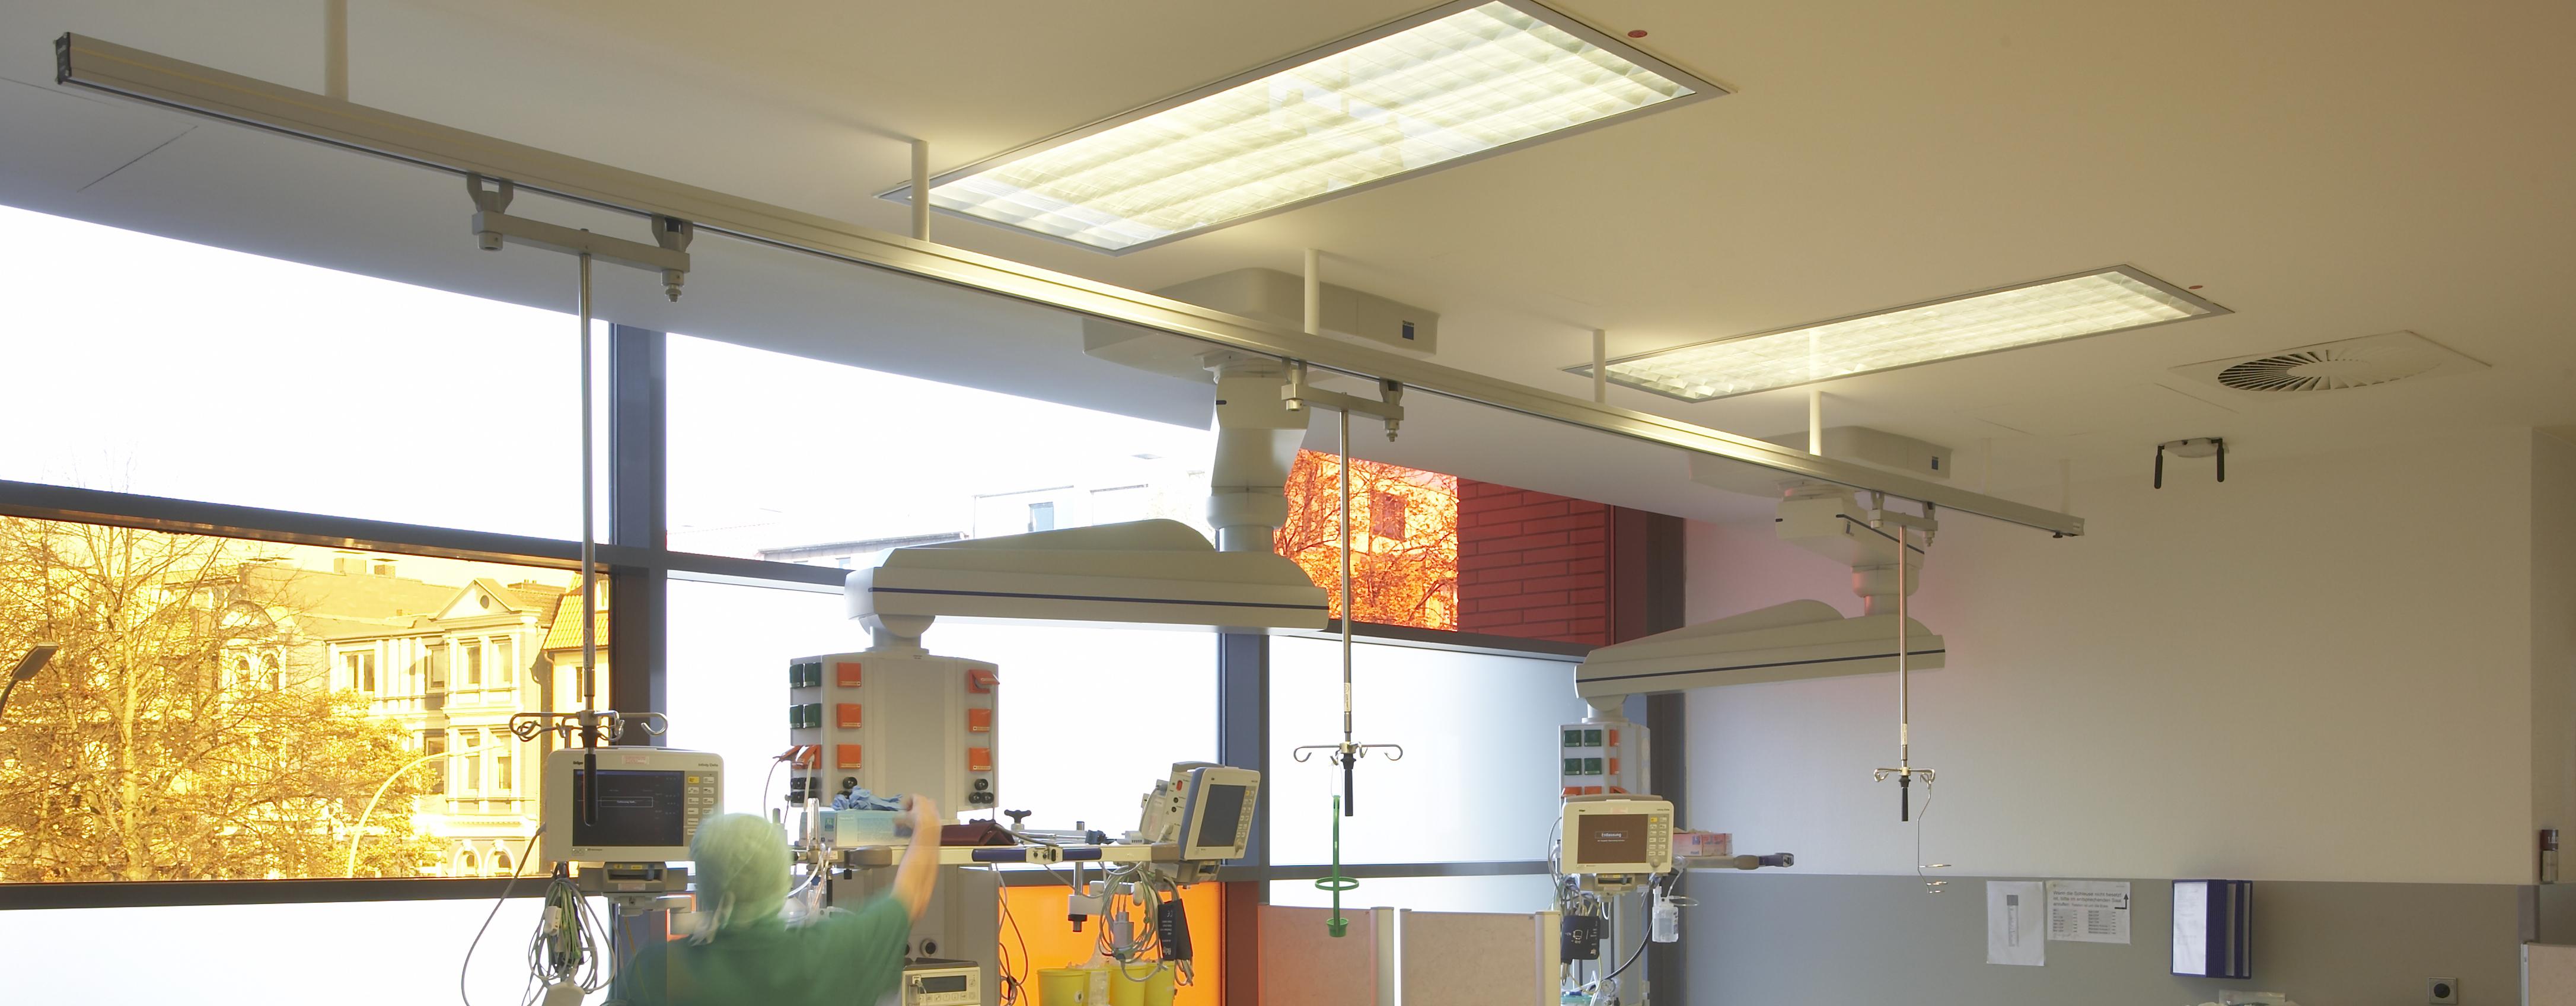 ICS-Deckenschiene-Krankenhaus-Infusionsst-nder